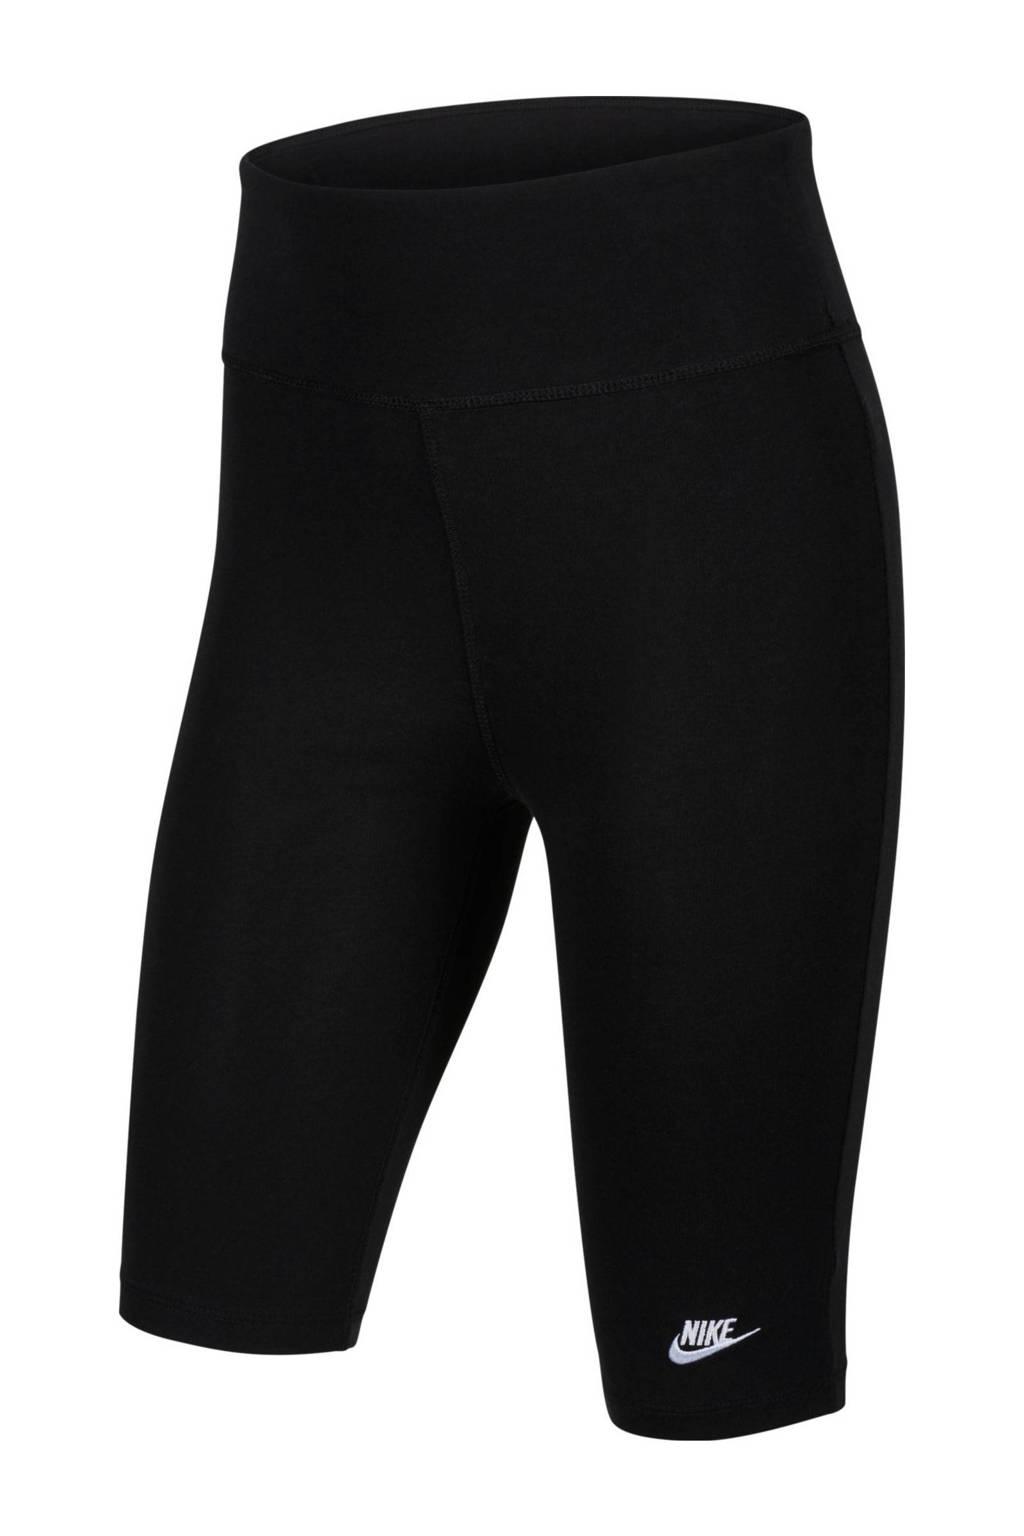 Nike cycling short zwart, Zwart